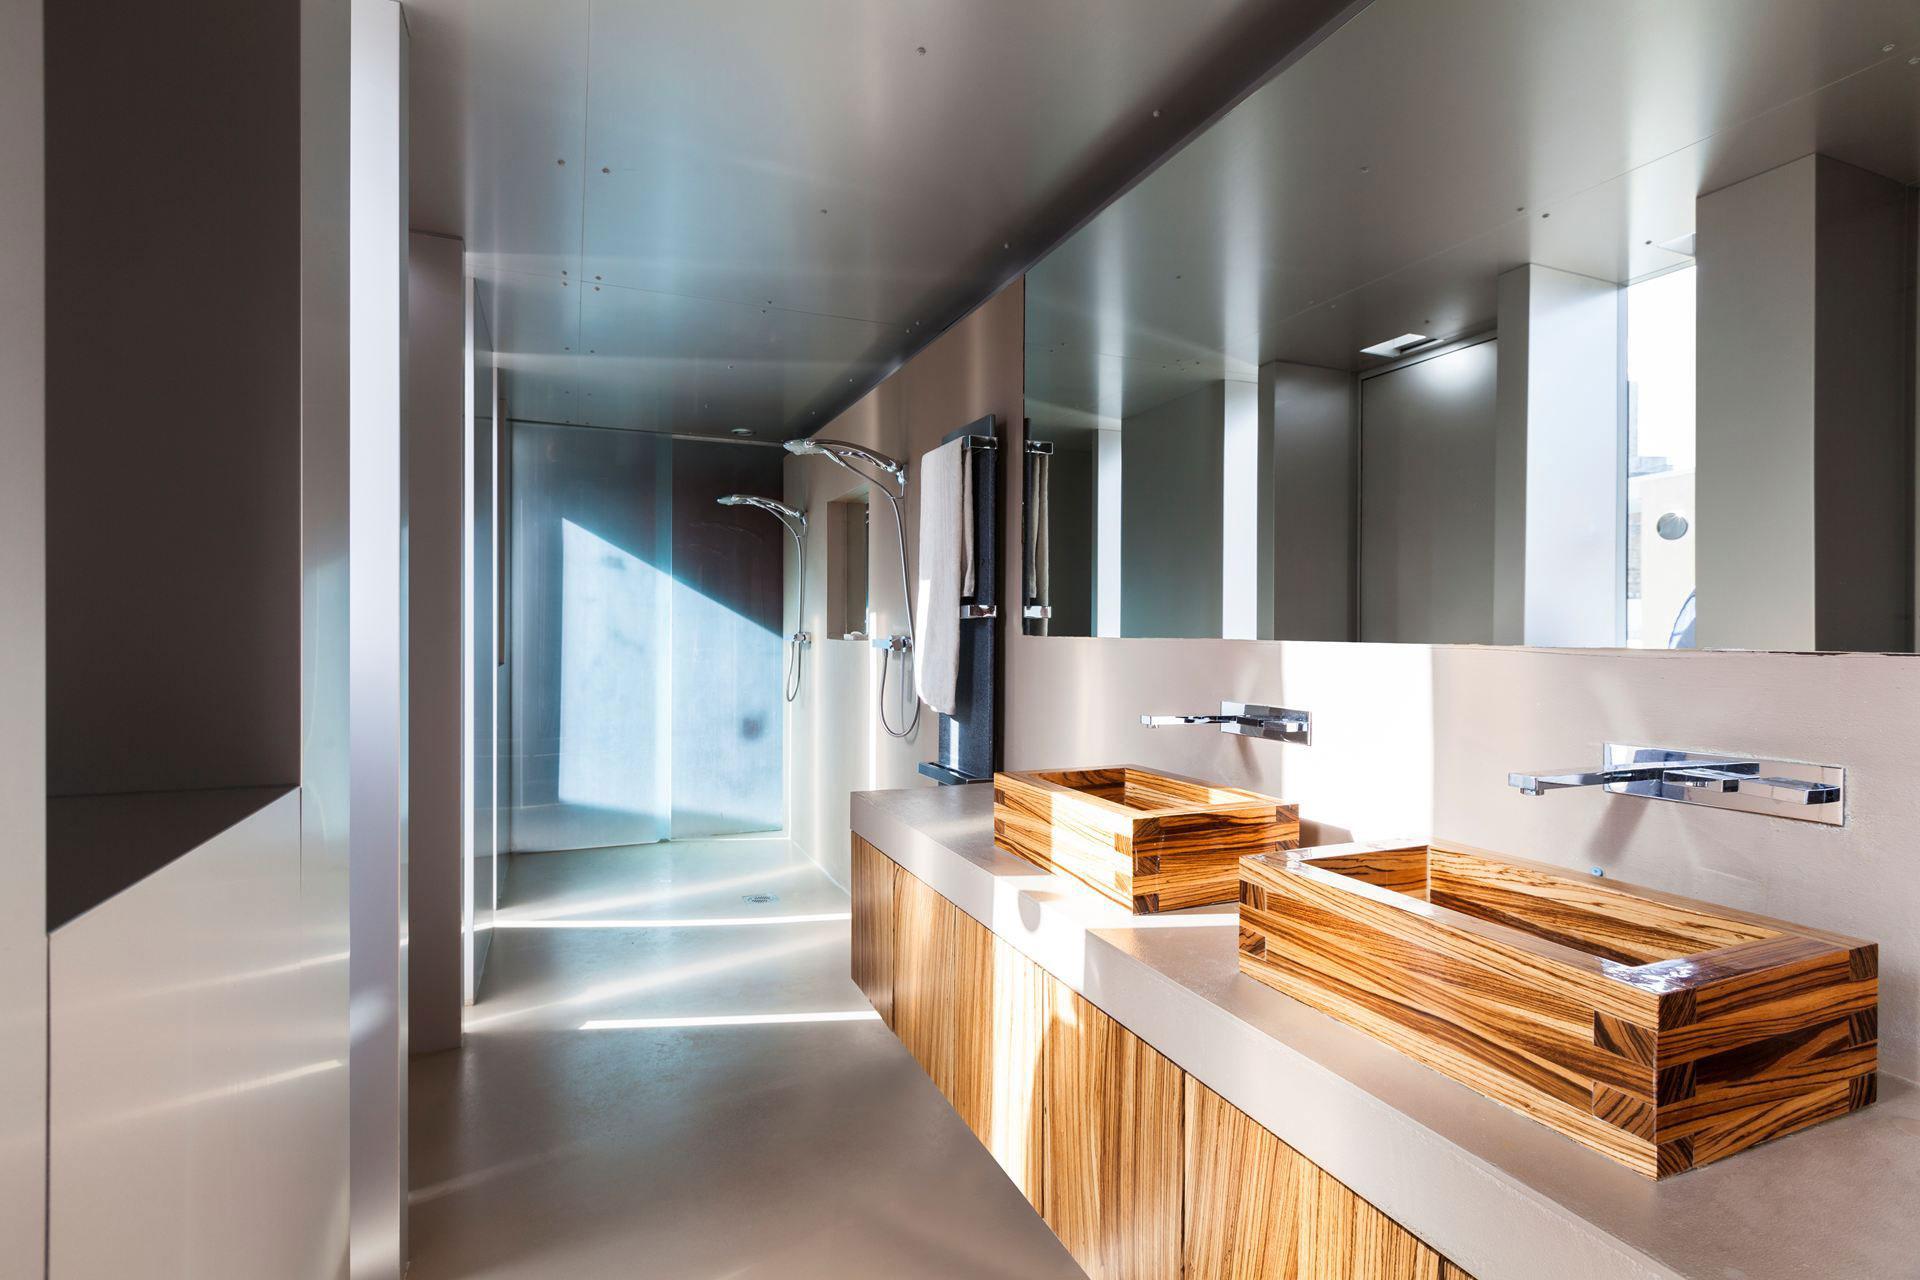 Silverlight Home in West London by Adjaye Associates-16